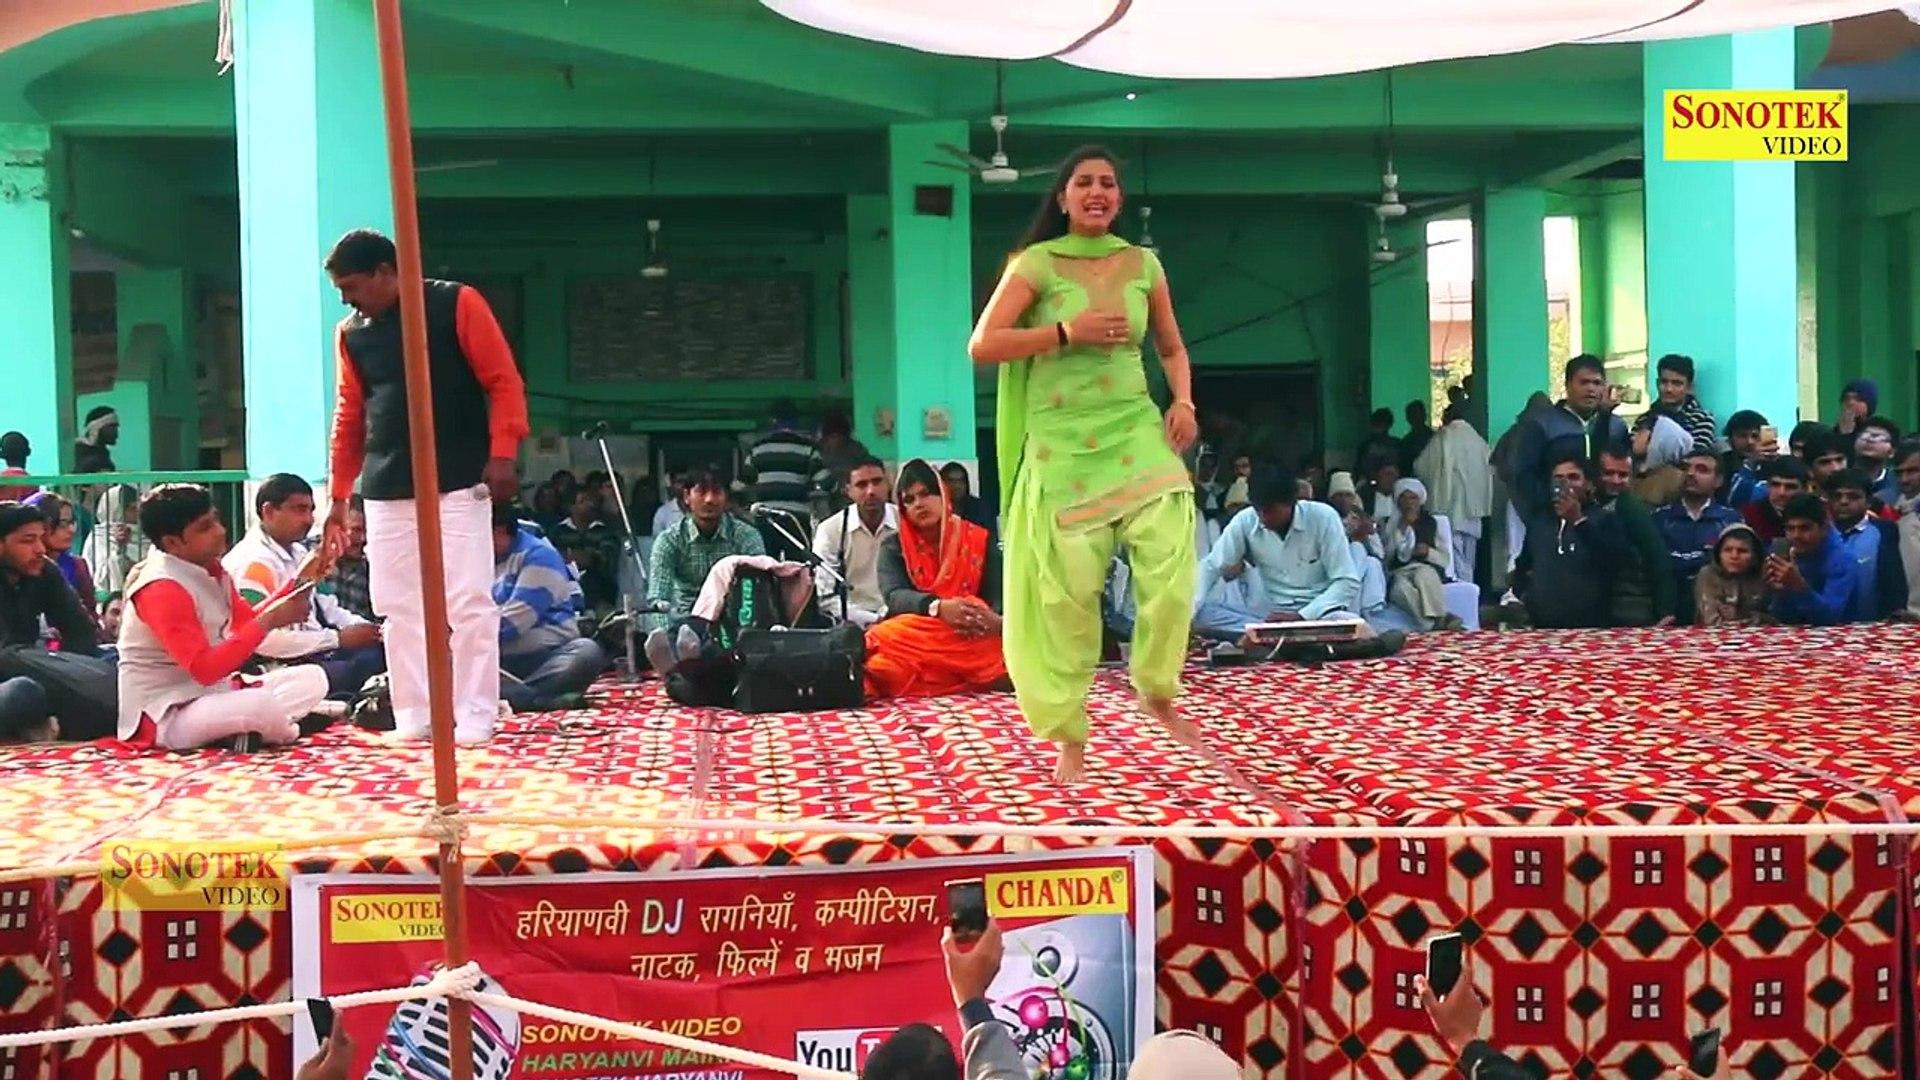 दुनिया टूट पड़ी सपना इस डांस को देखने और उड़े 2000-2000 रुपये के नोट ¦ Sapna Awesome Dance Video